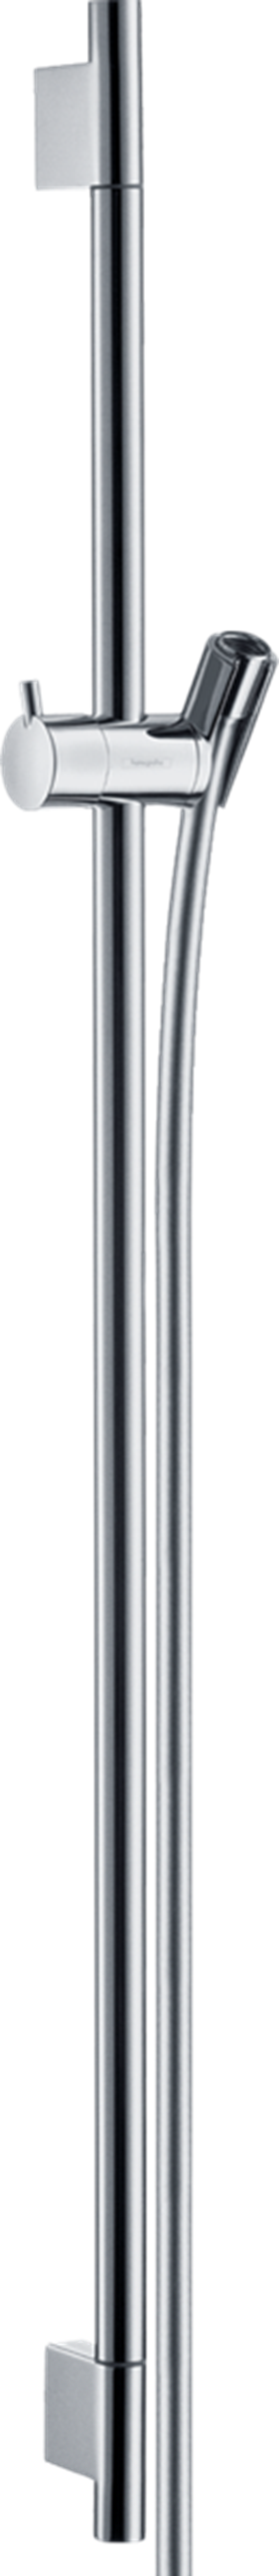 Drążek prysznicowy S Puro 90 cm z wężem Hansgrohe Unica